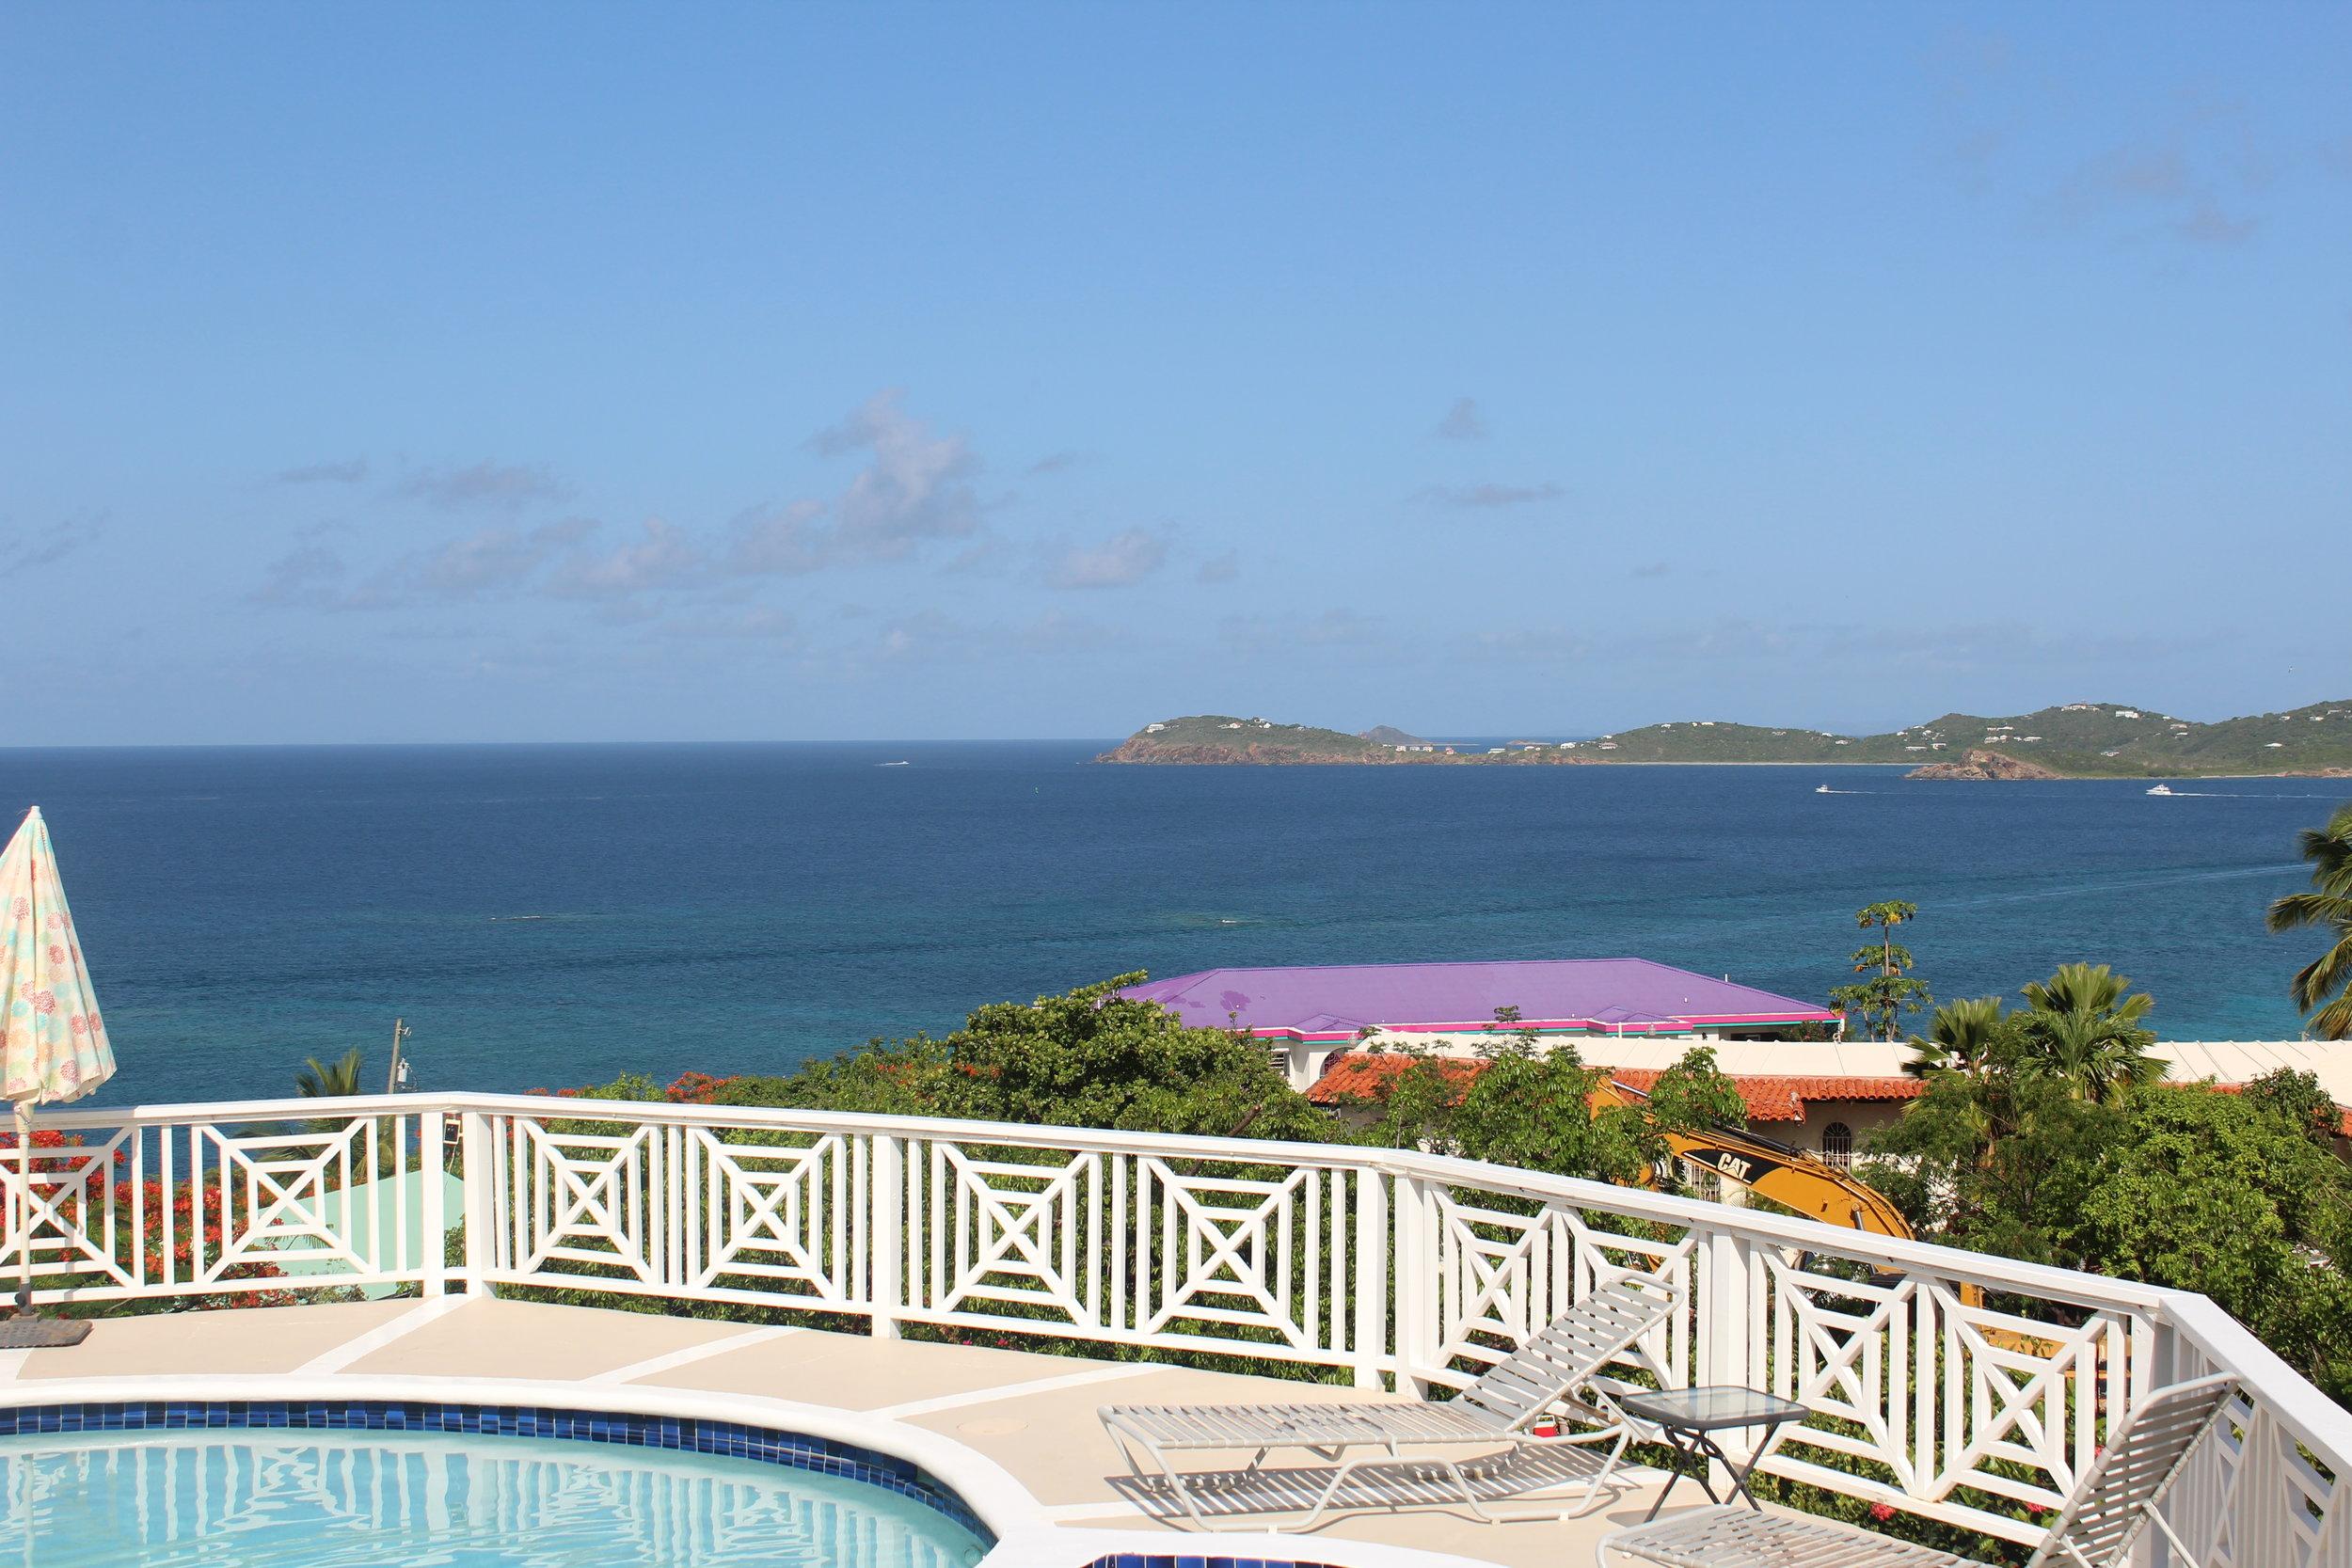 View by the pool at Villa Marabella